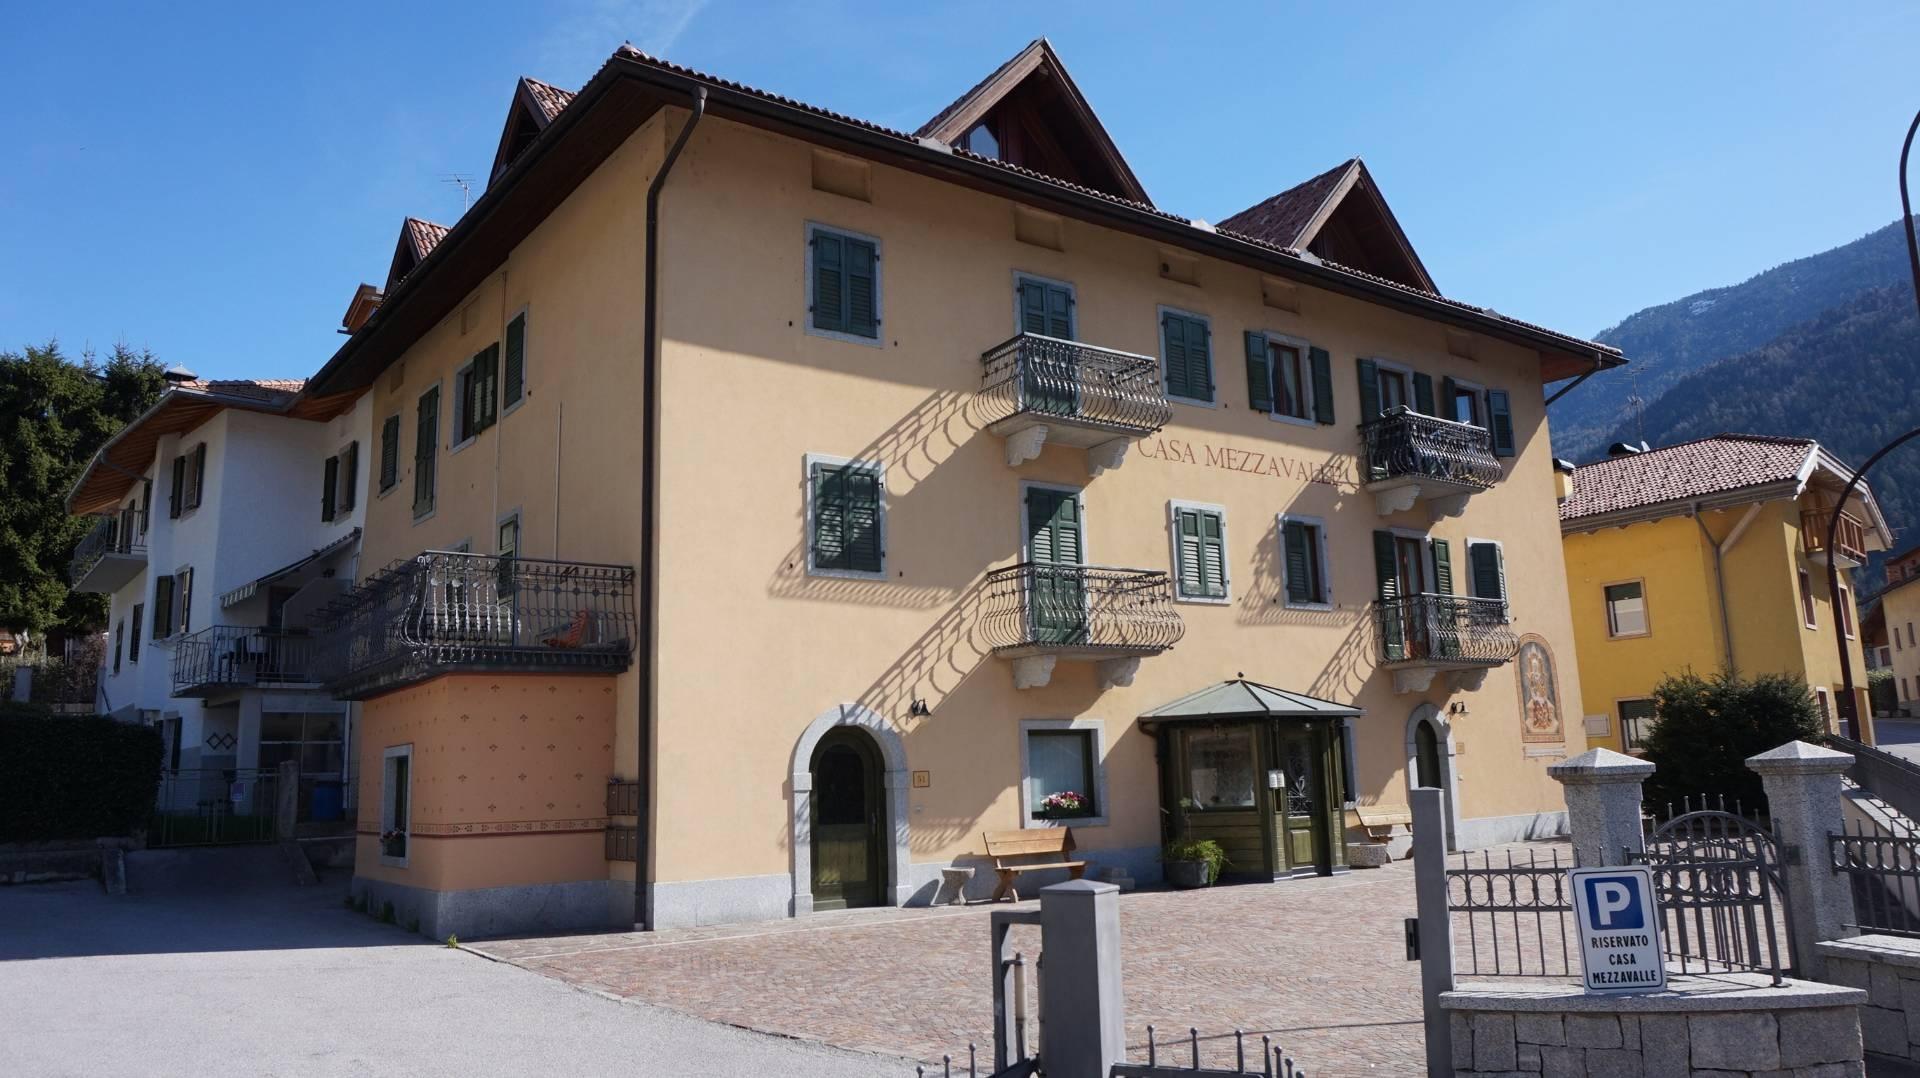 Negozio / Locale in affitto a Pelugo, 1 locali, prezzo € 450 | CambioCasa.it